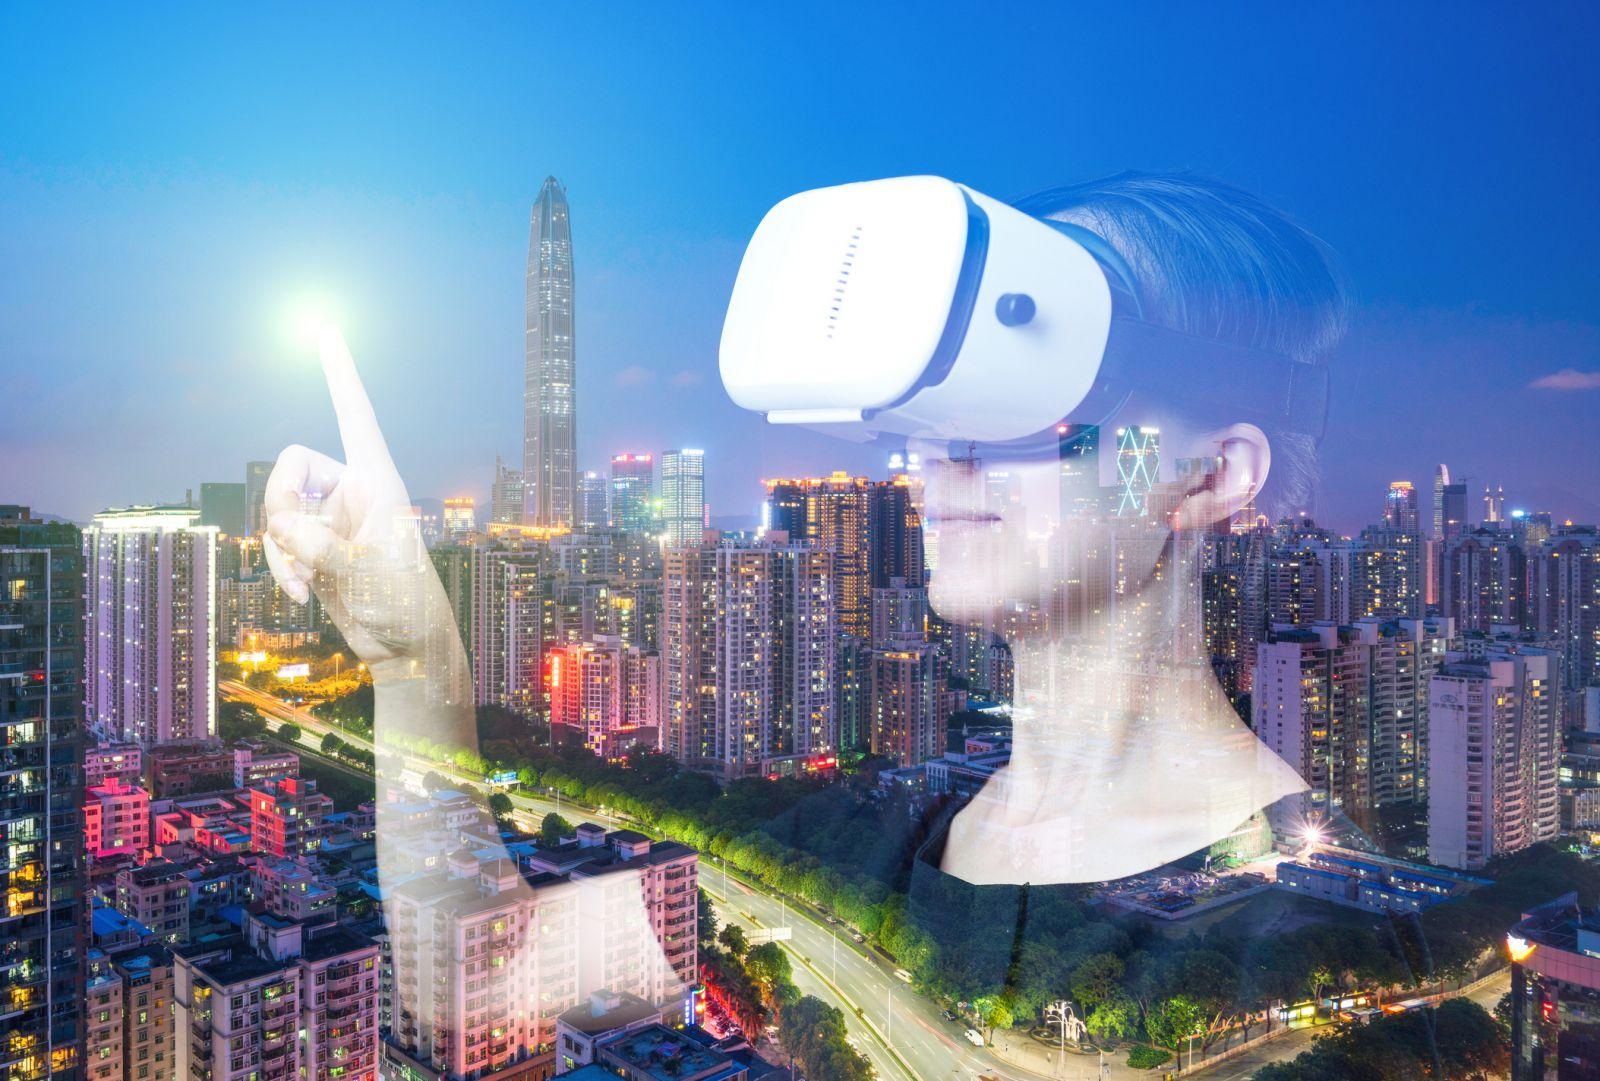 Réalité virtuelle architecture et construction